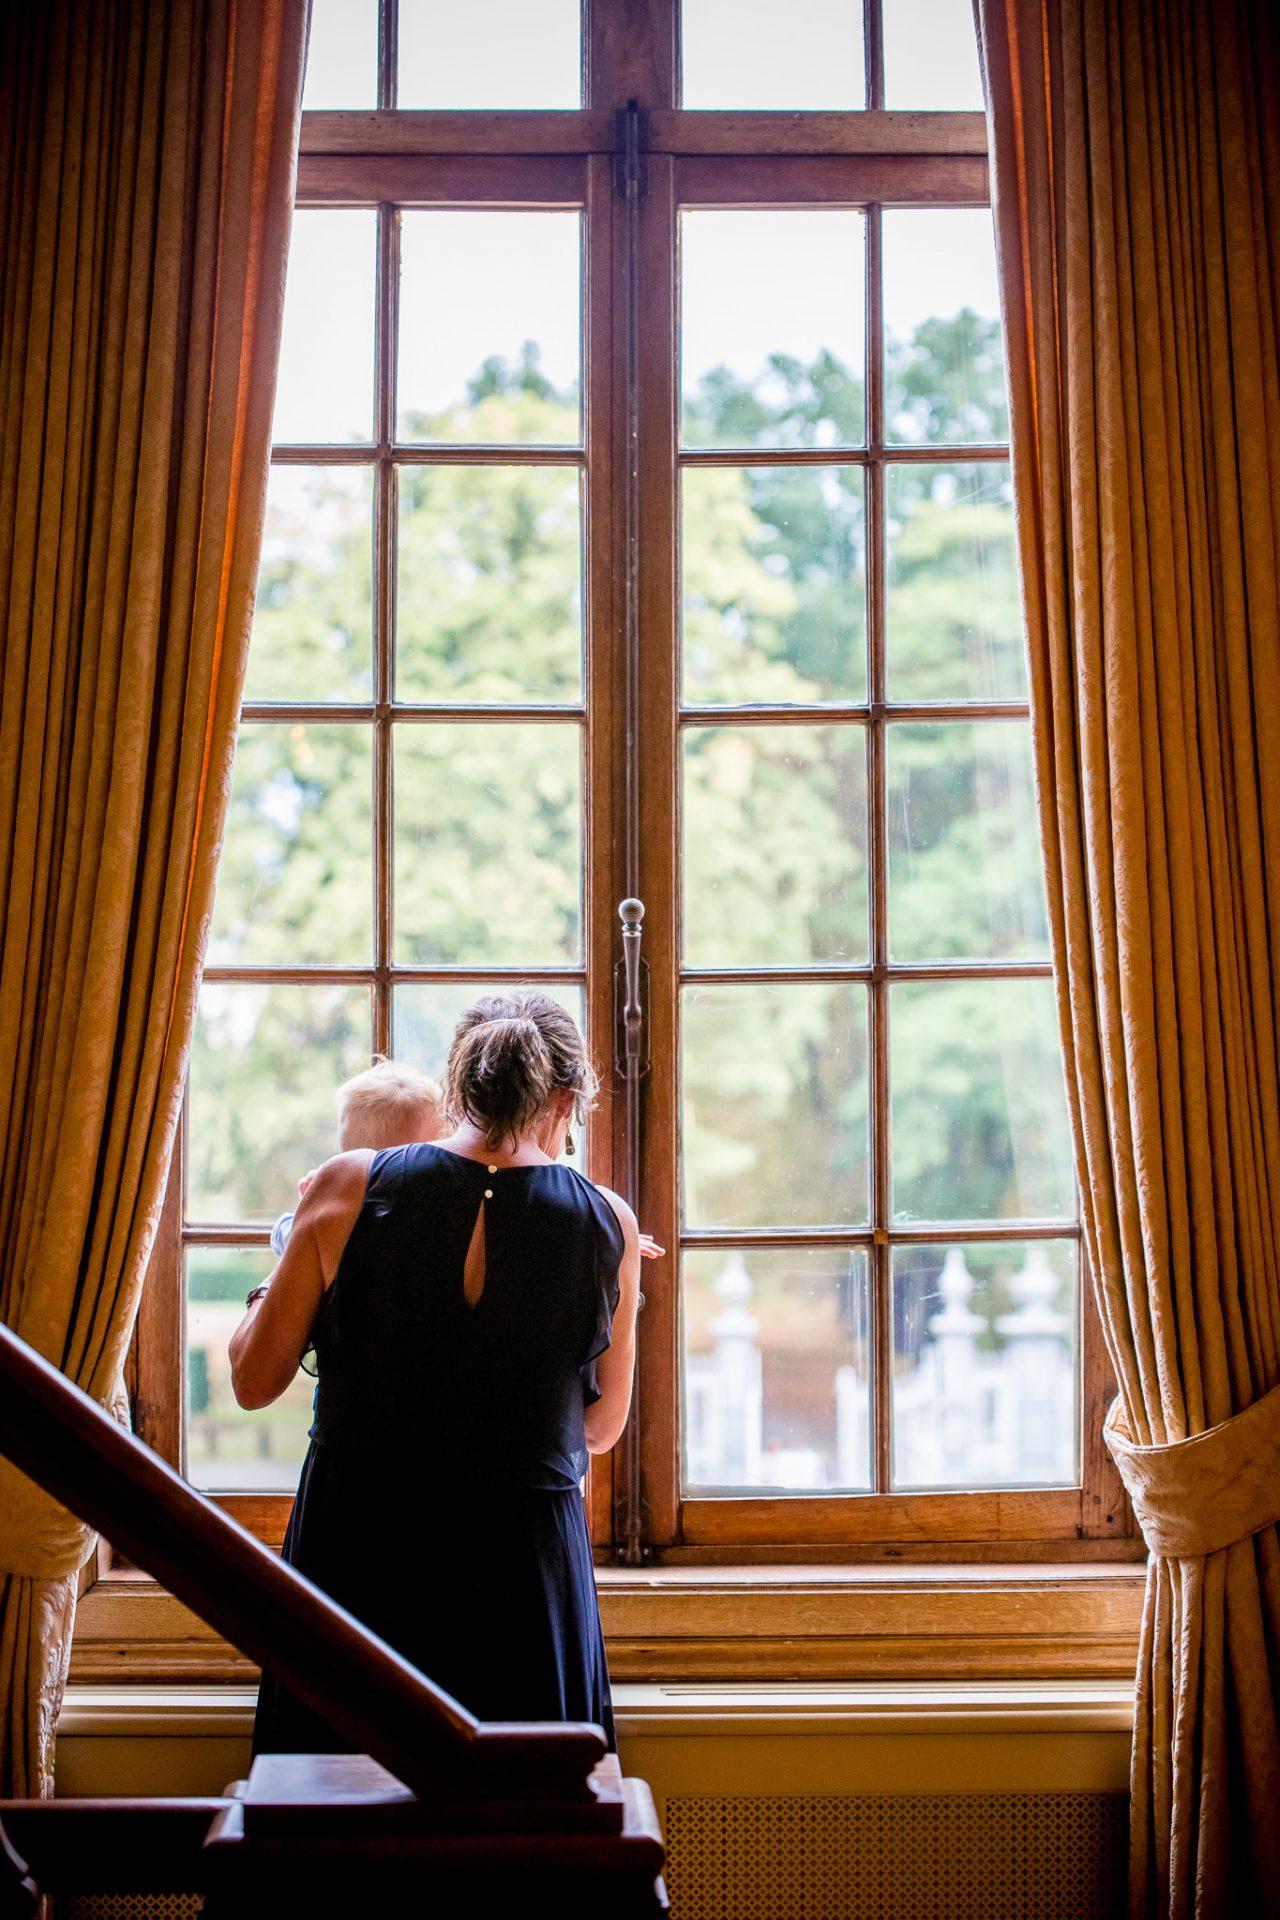 Gasten opwachten in het kasteel voor het doopsel